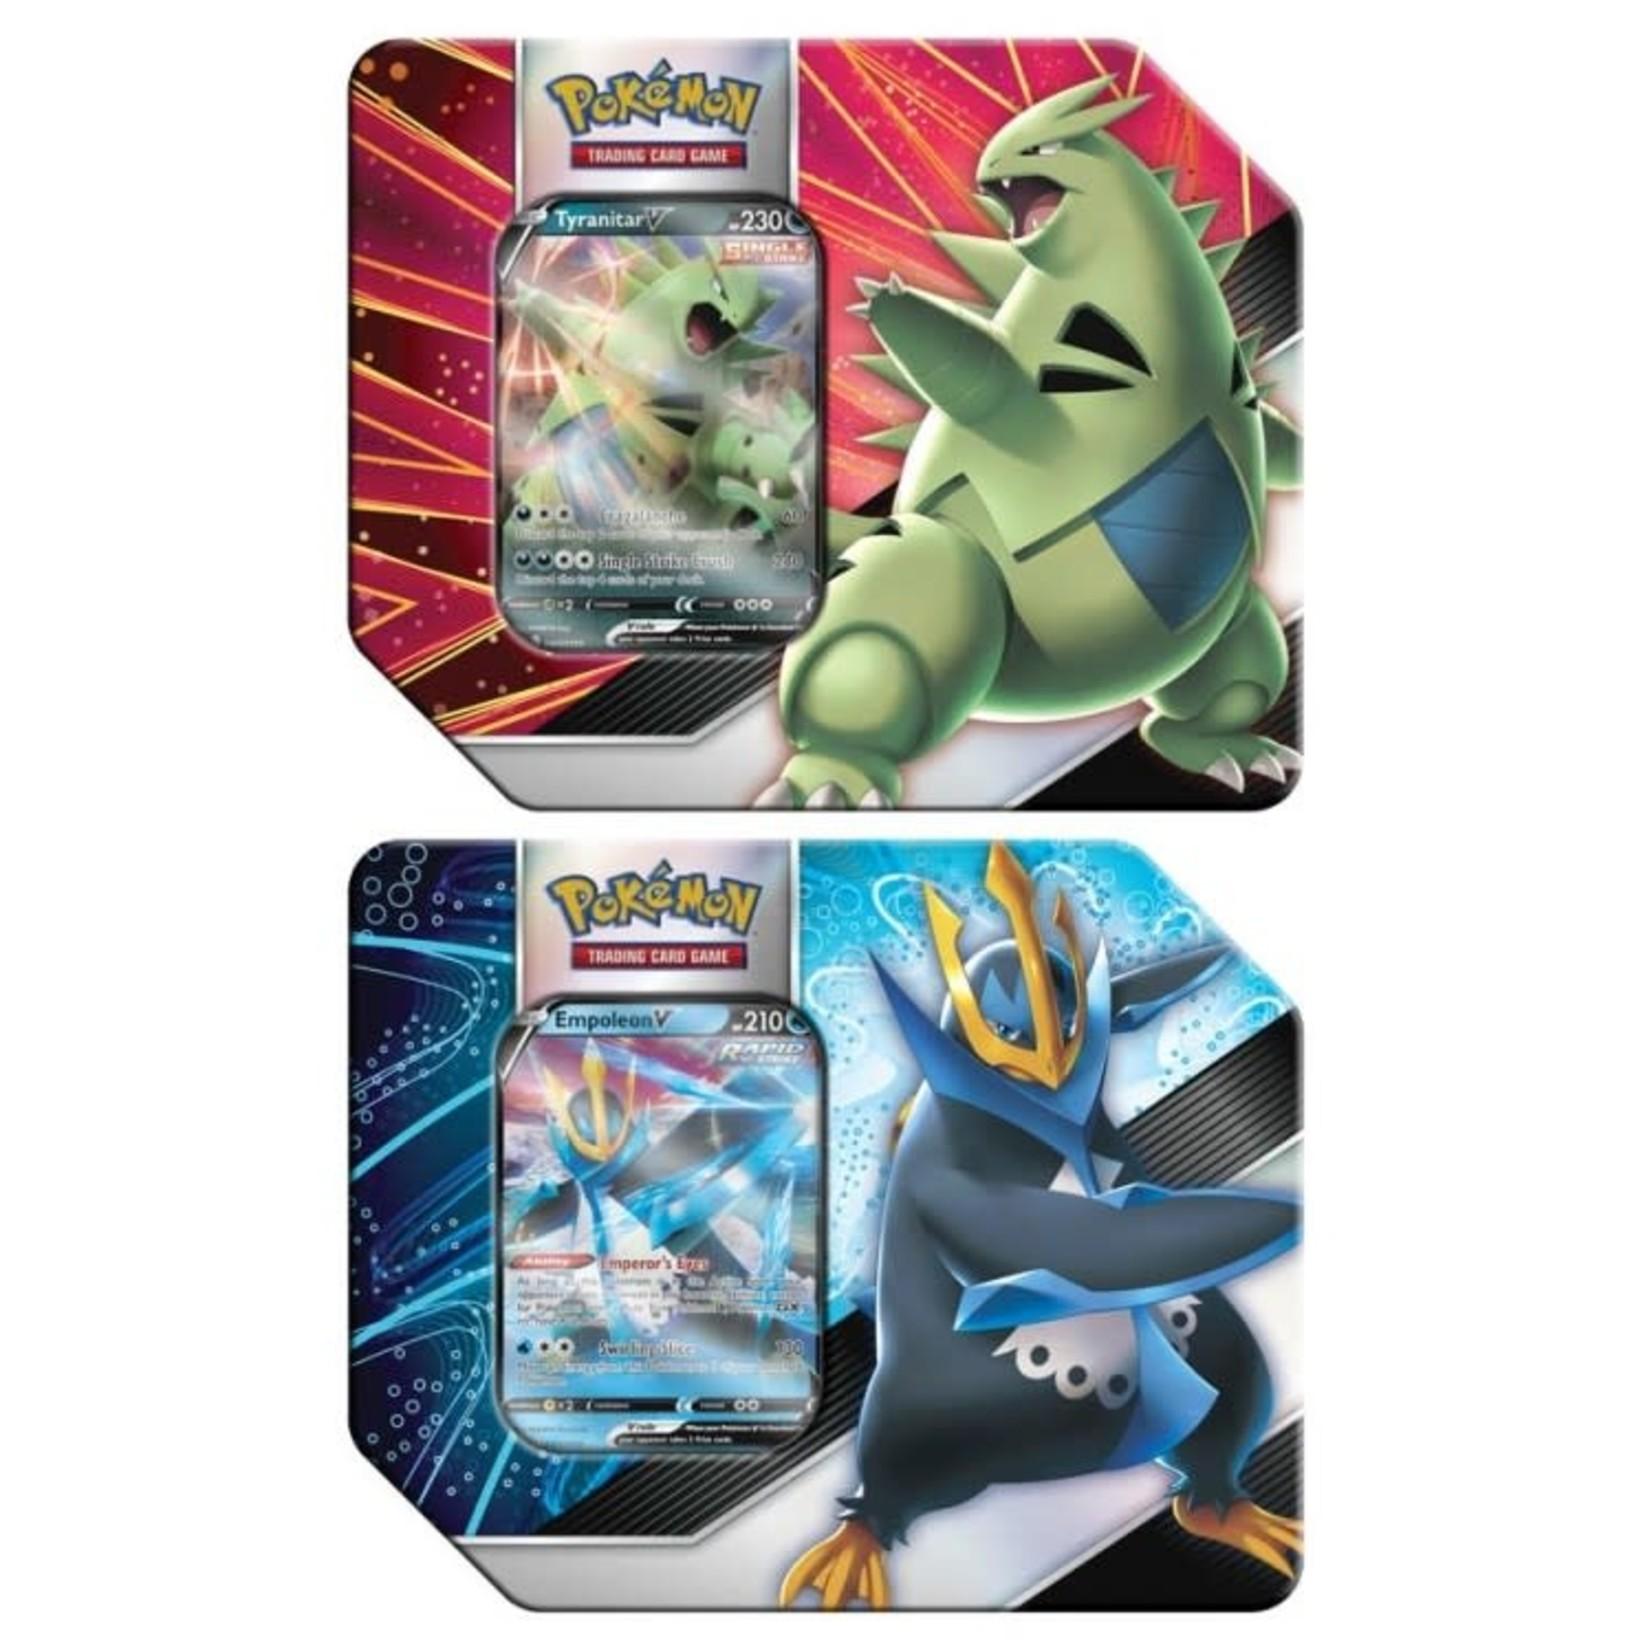 Pokemon International Pokémon TCG: V Strikers Tin (Empoleon V or Tyranitar V)